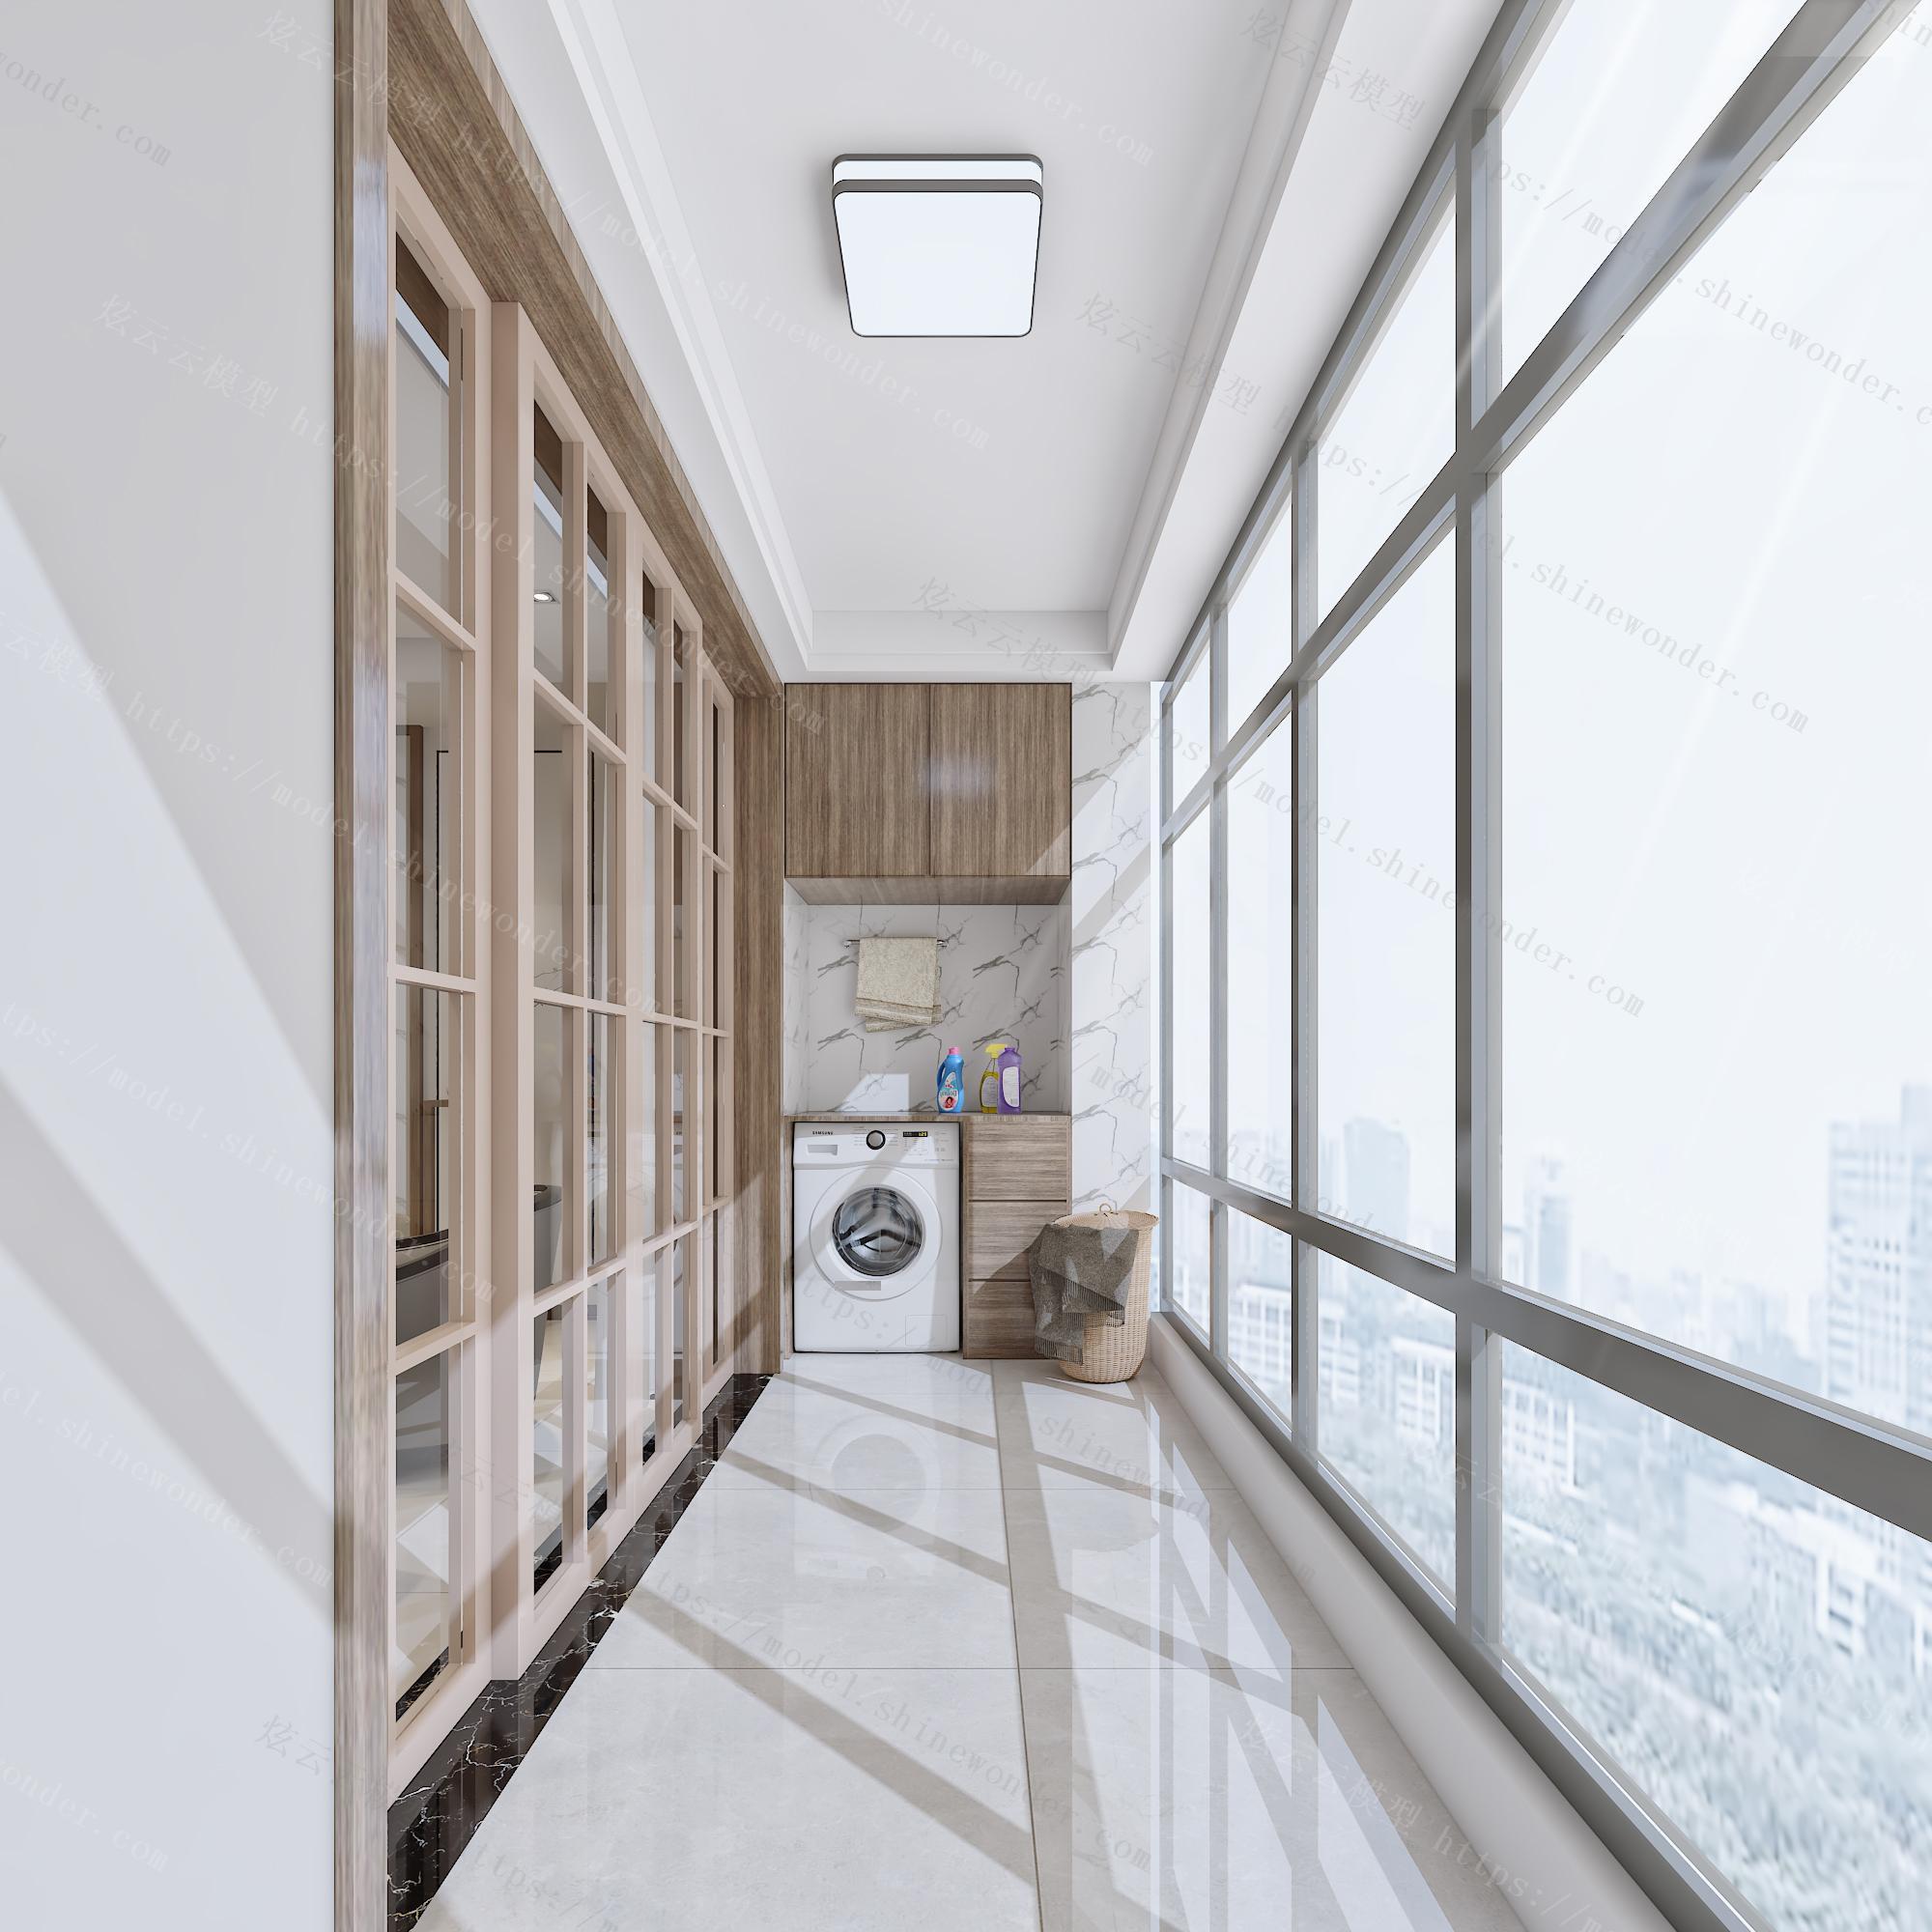 新中式客厅餐厅厨房阳台模型